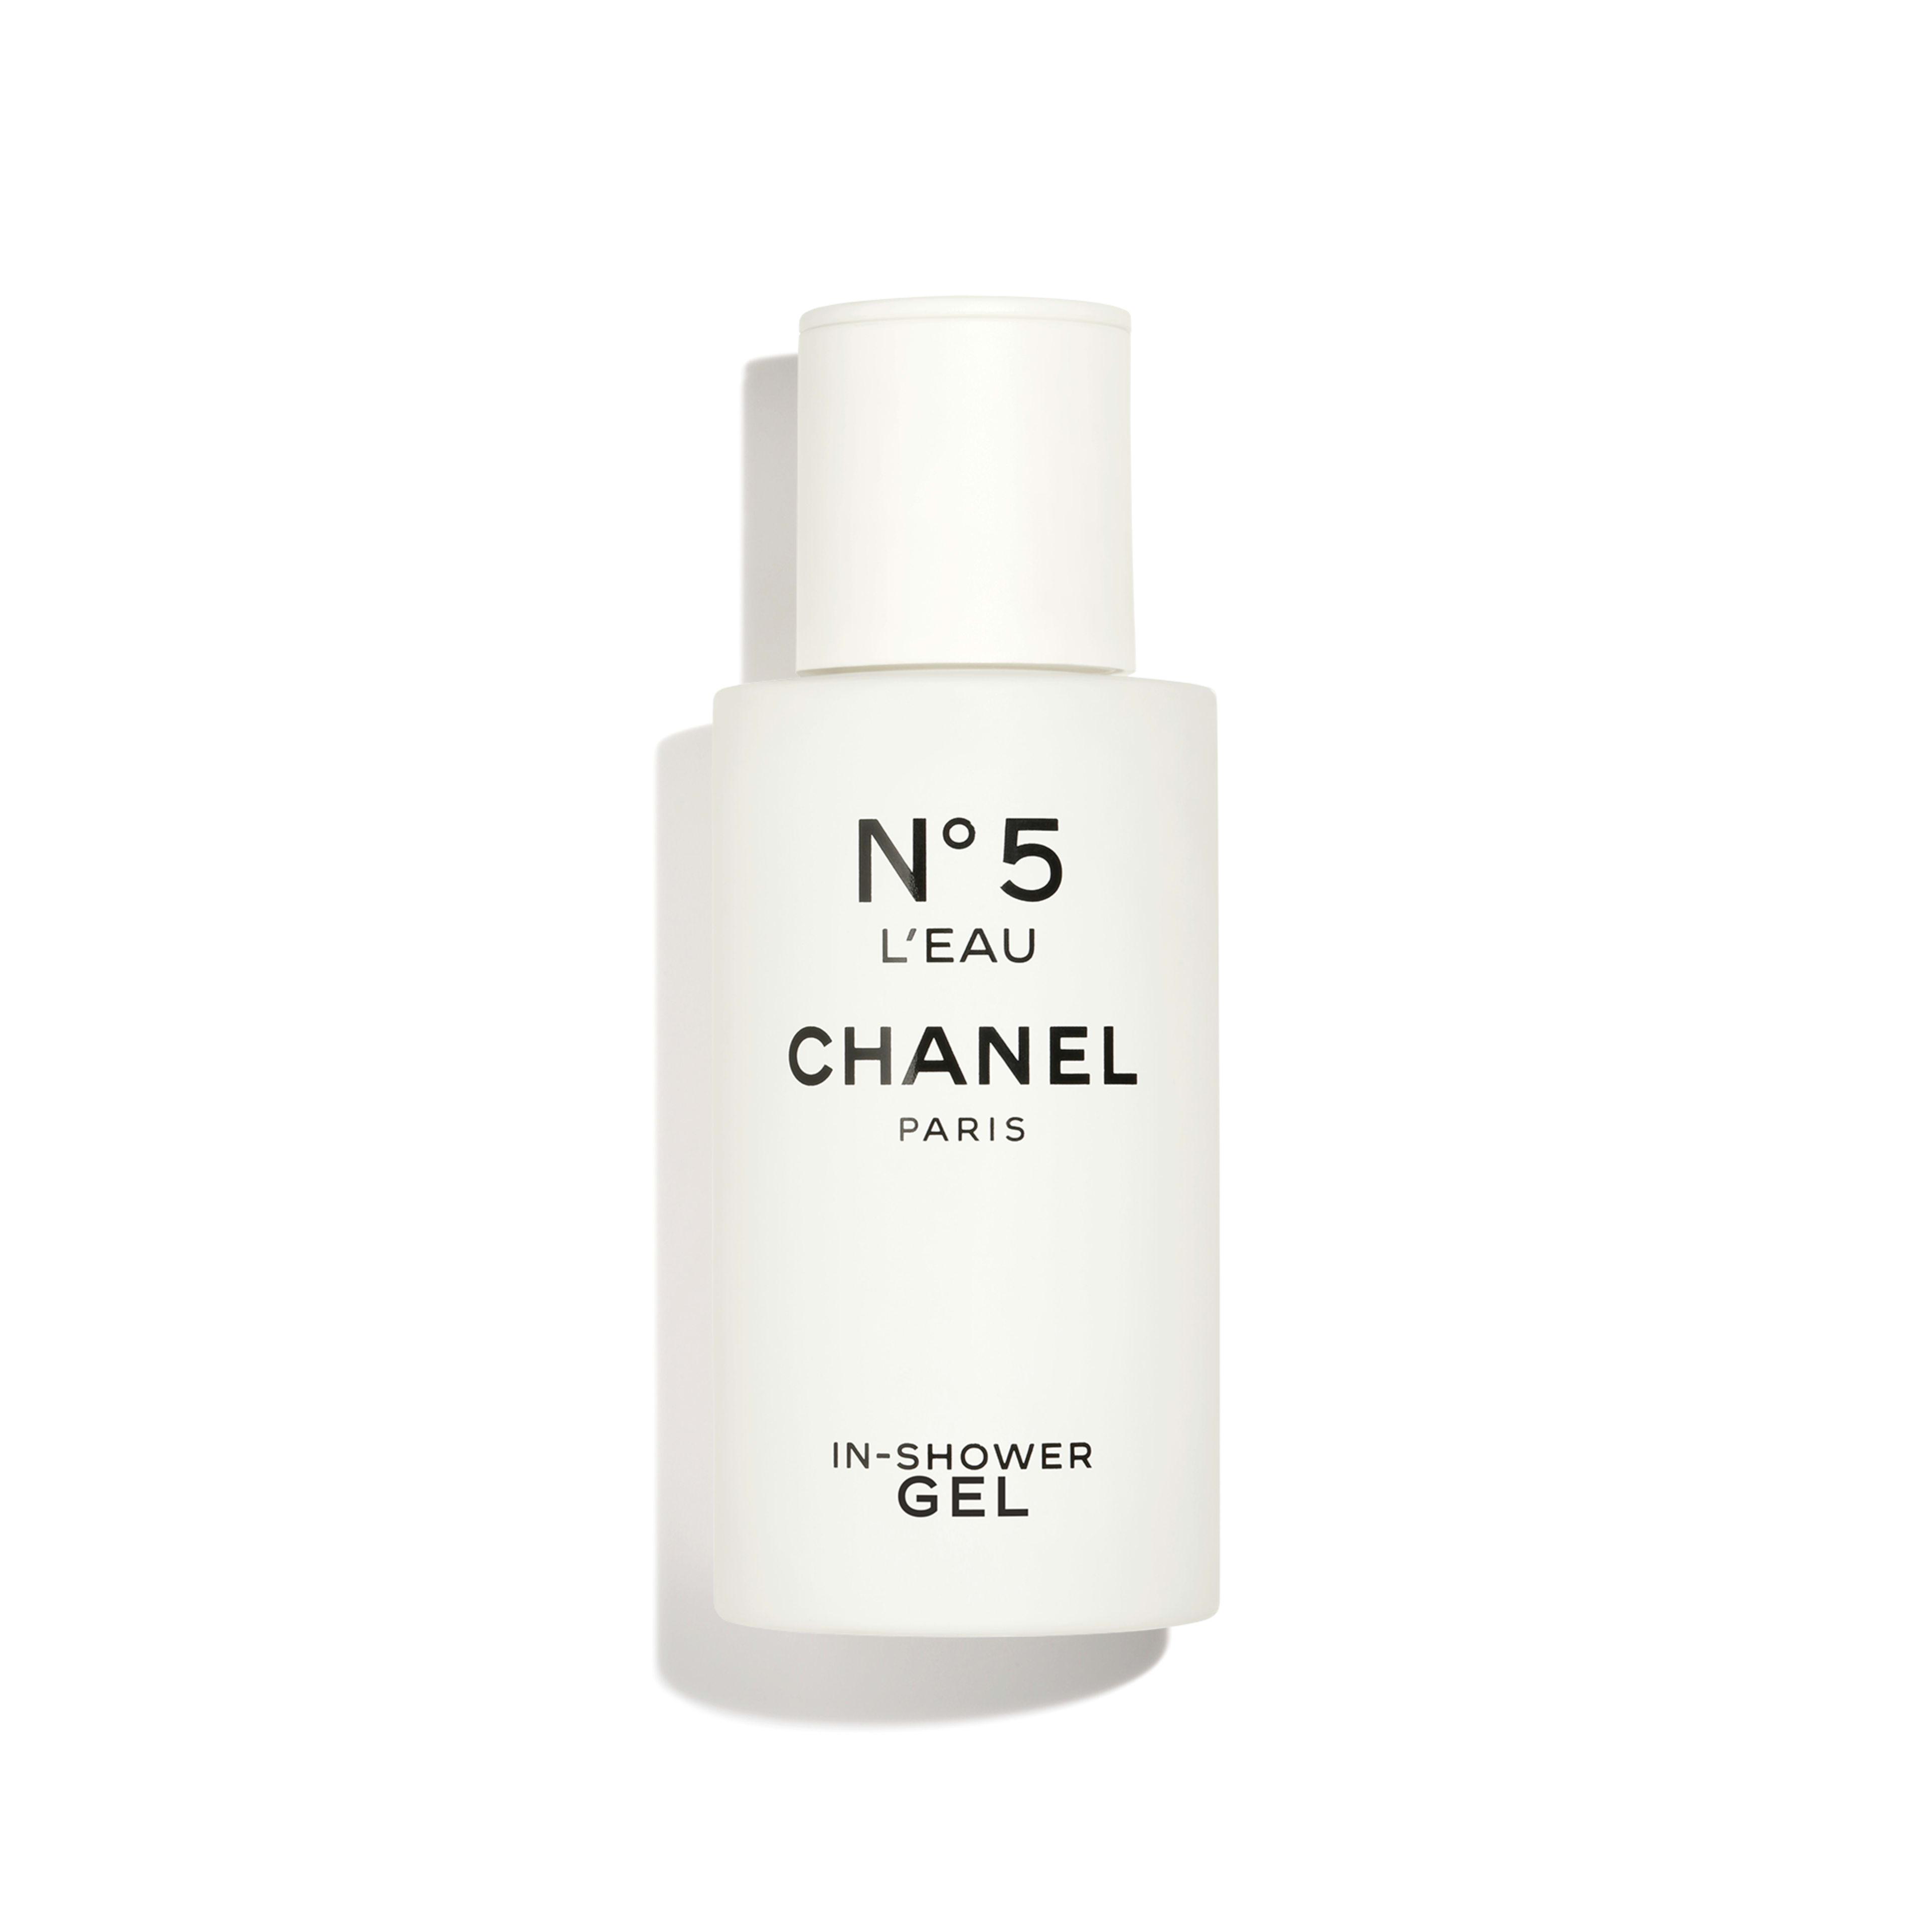 N°5 L'EAU - fragrance - 100ml - Default view